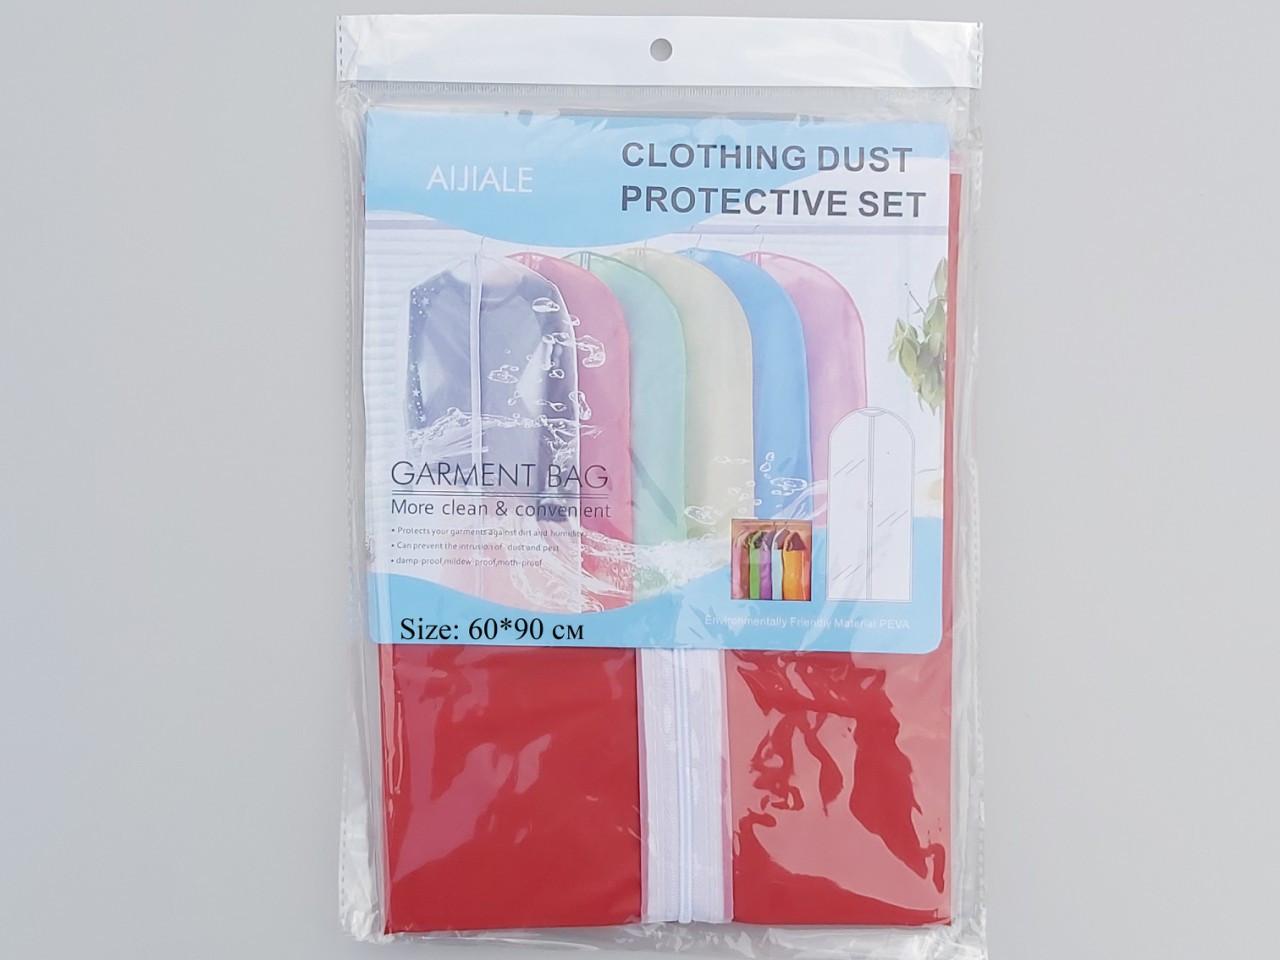 Чехол для хранения одежды из плащевки красного цвета, размер 60*90 см